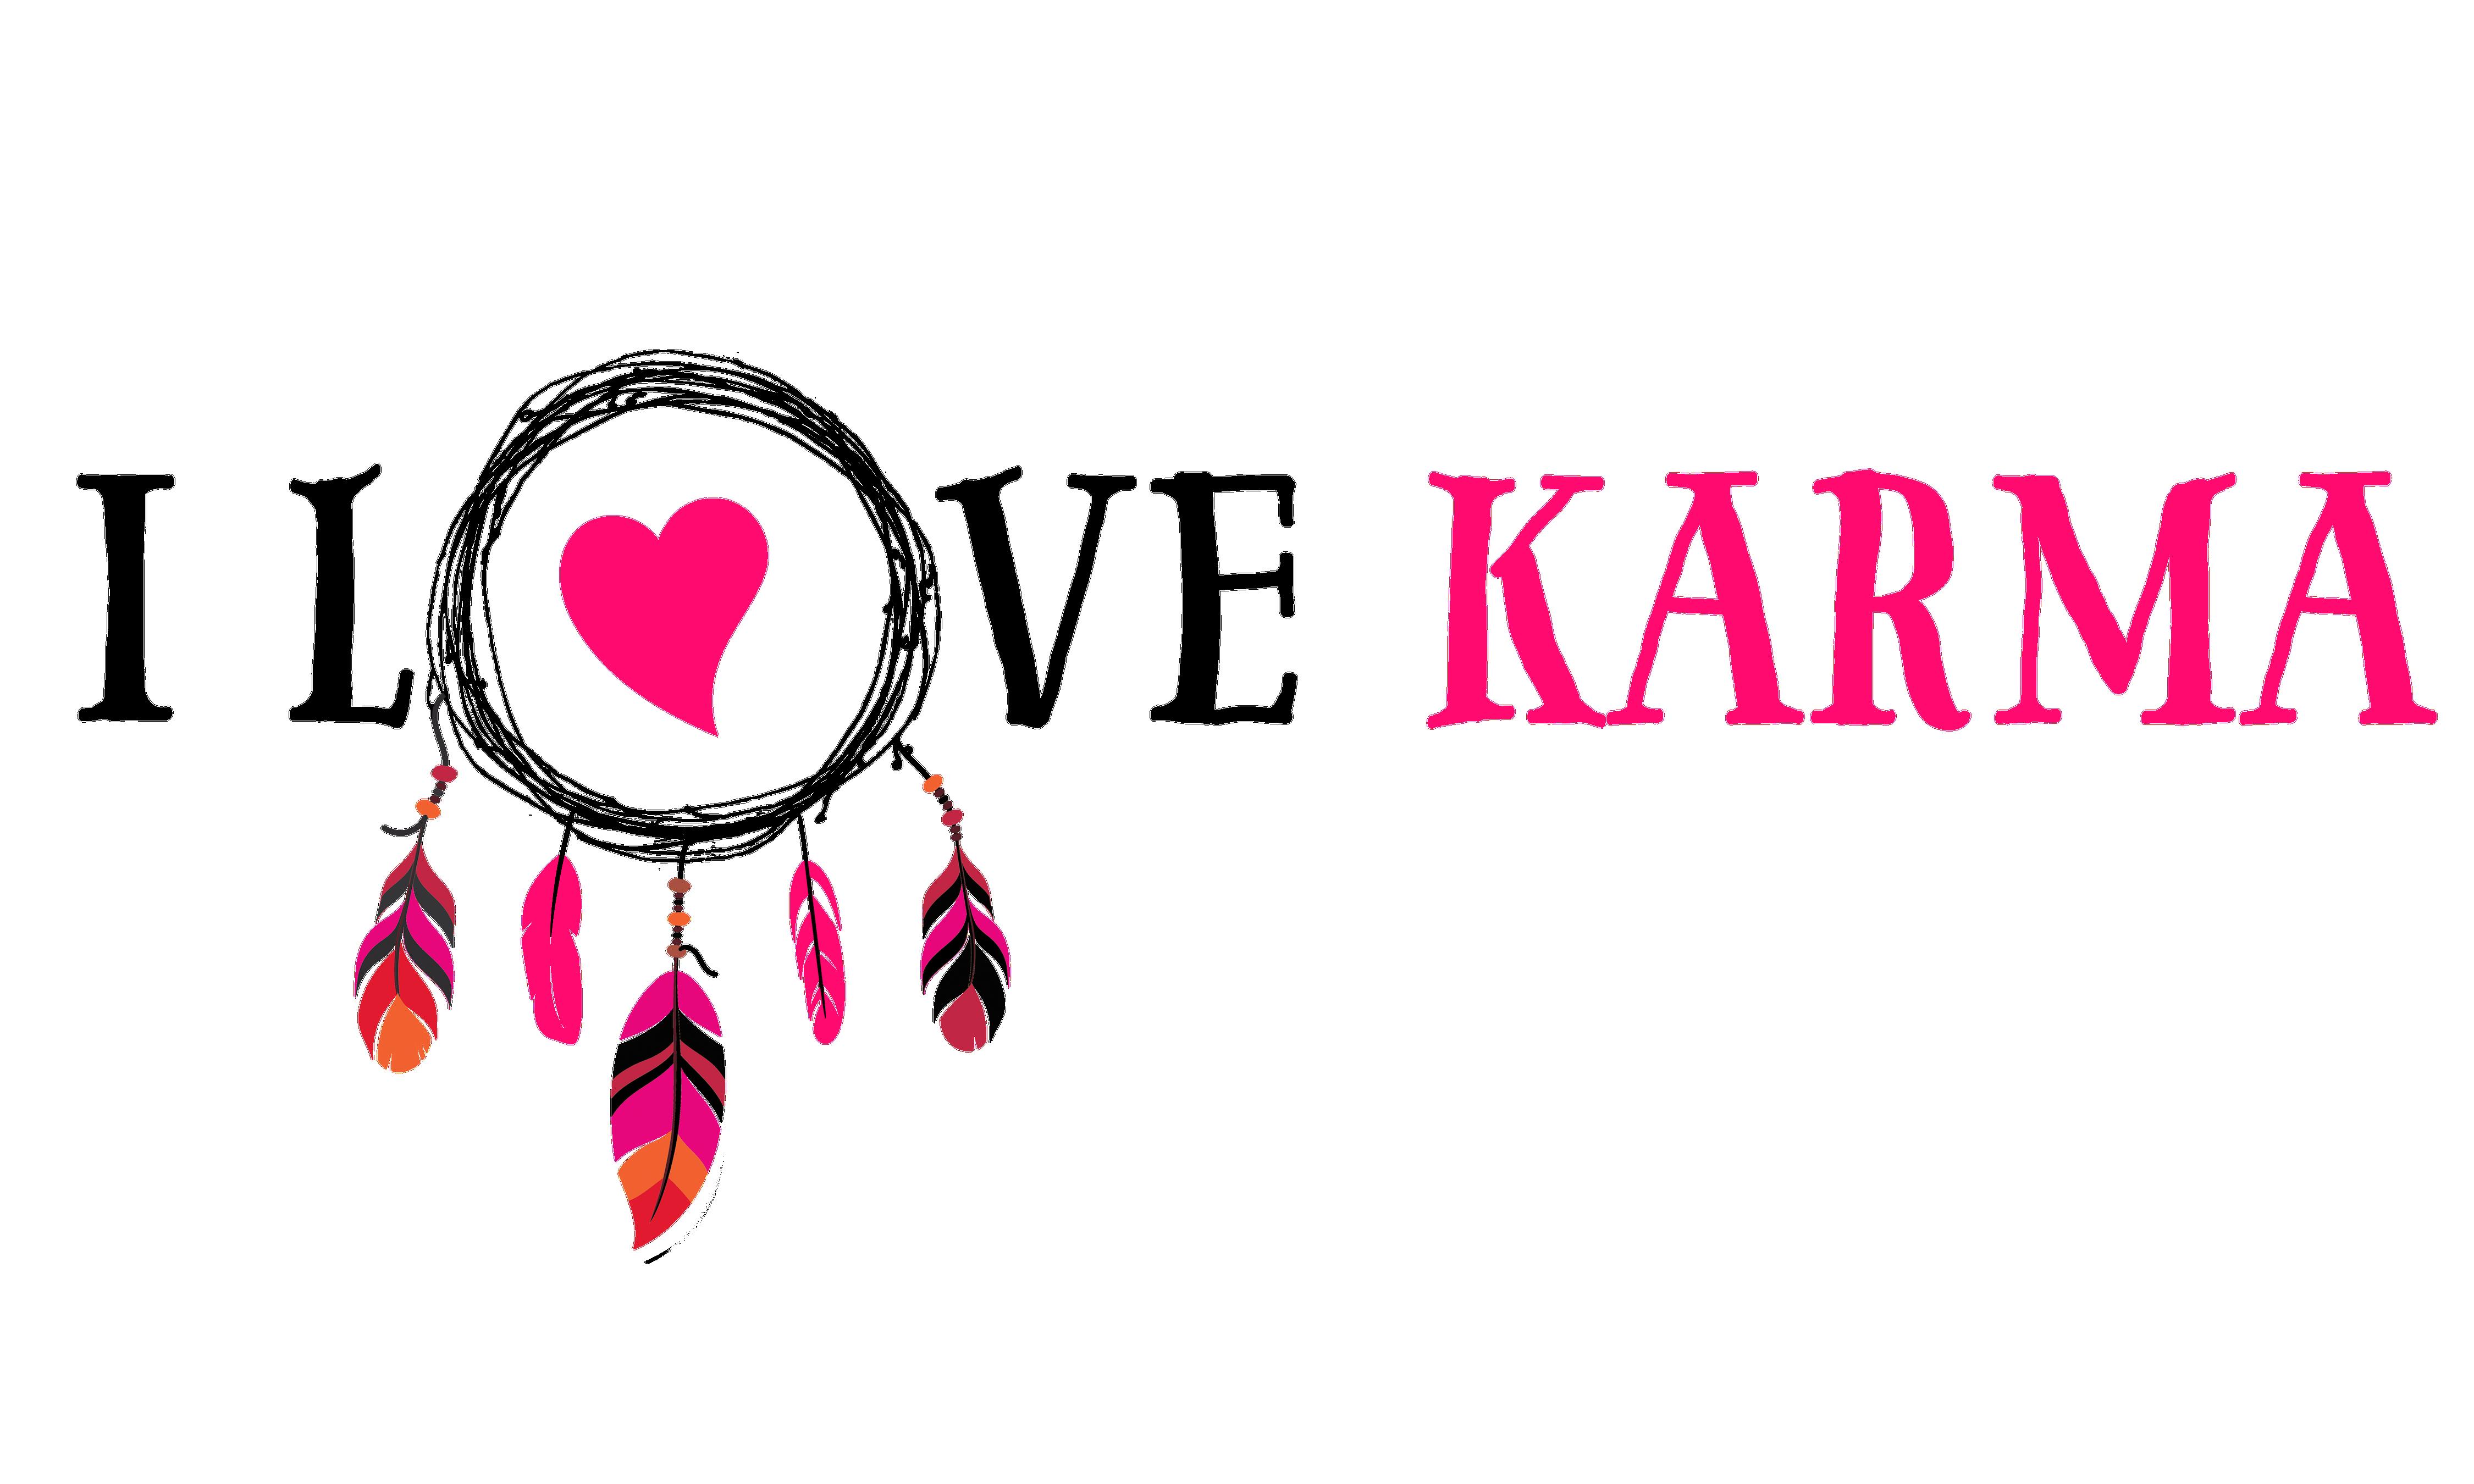 LOGO-KARMA